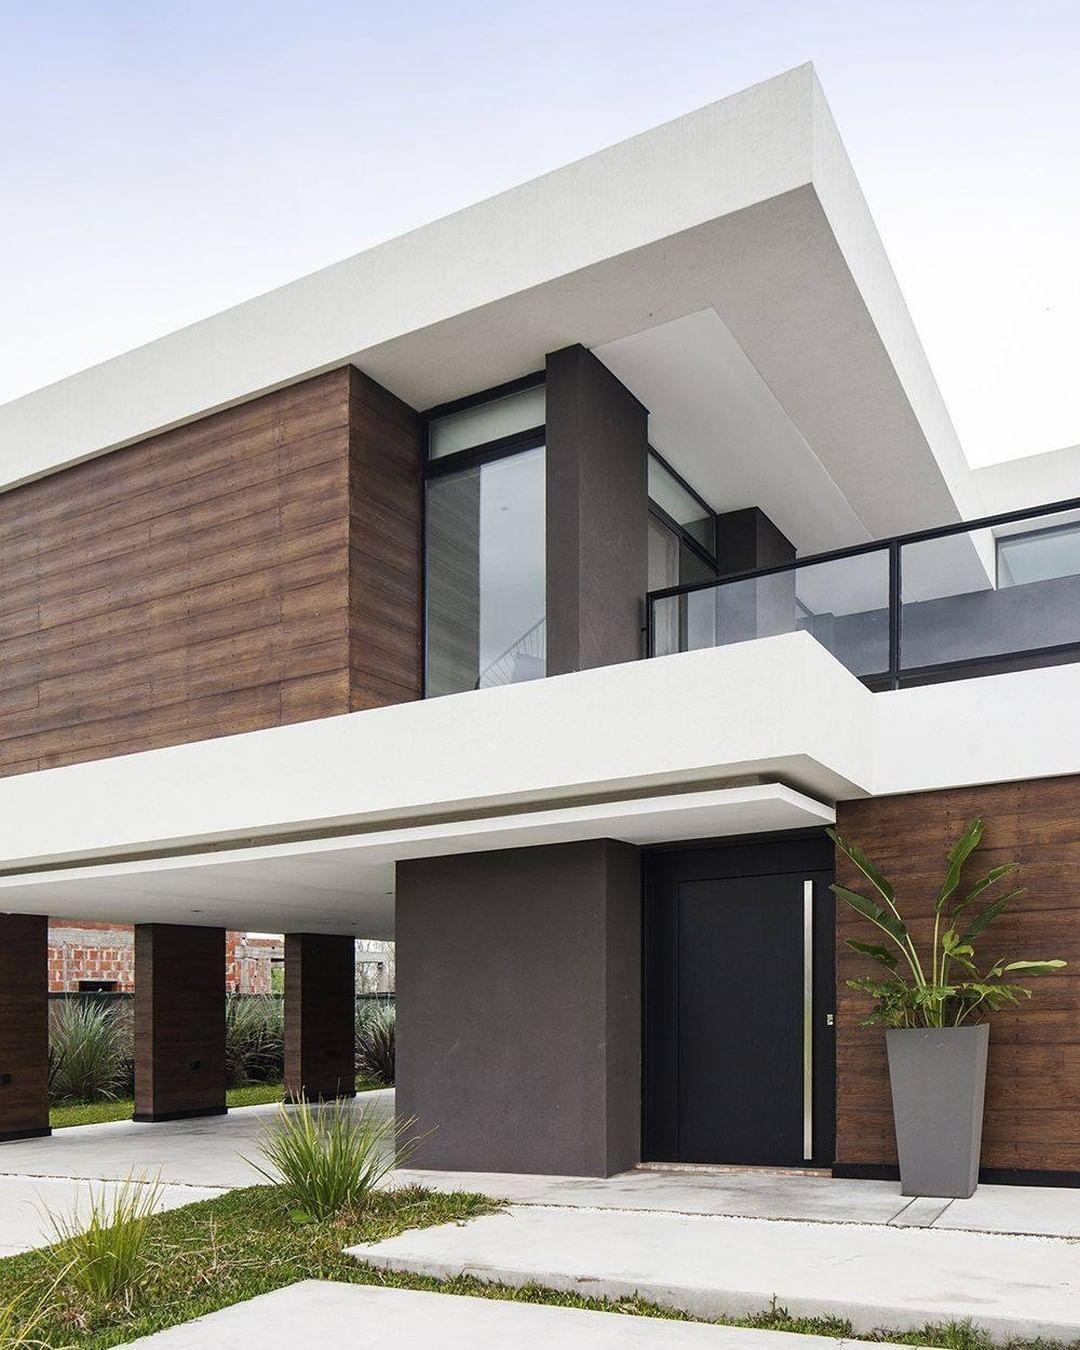 """44 ARQUITETURA on Instagram: """"Casa Terra 201 del Estudio de Arquitectura LMARQ Arquitectos  #instarch #instalike #instahouse #Residence #architecture #arquitectura…"""""""